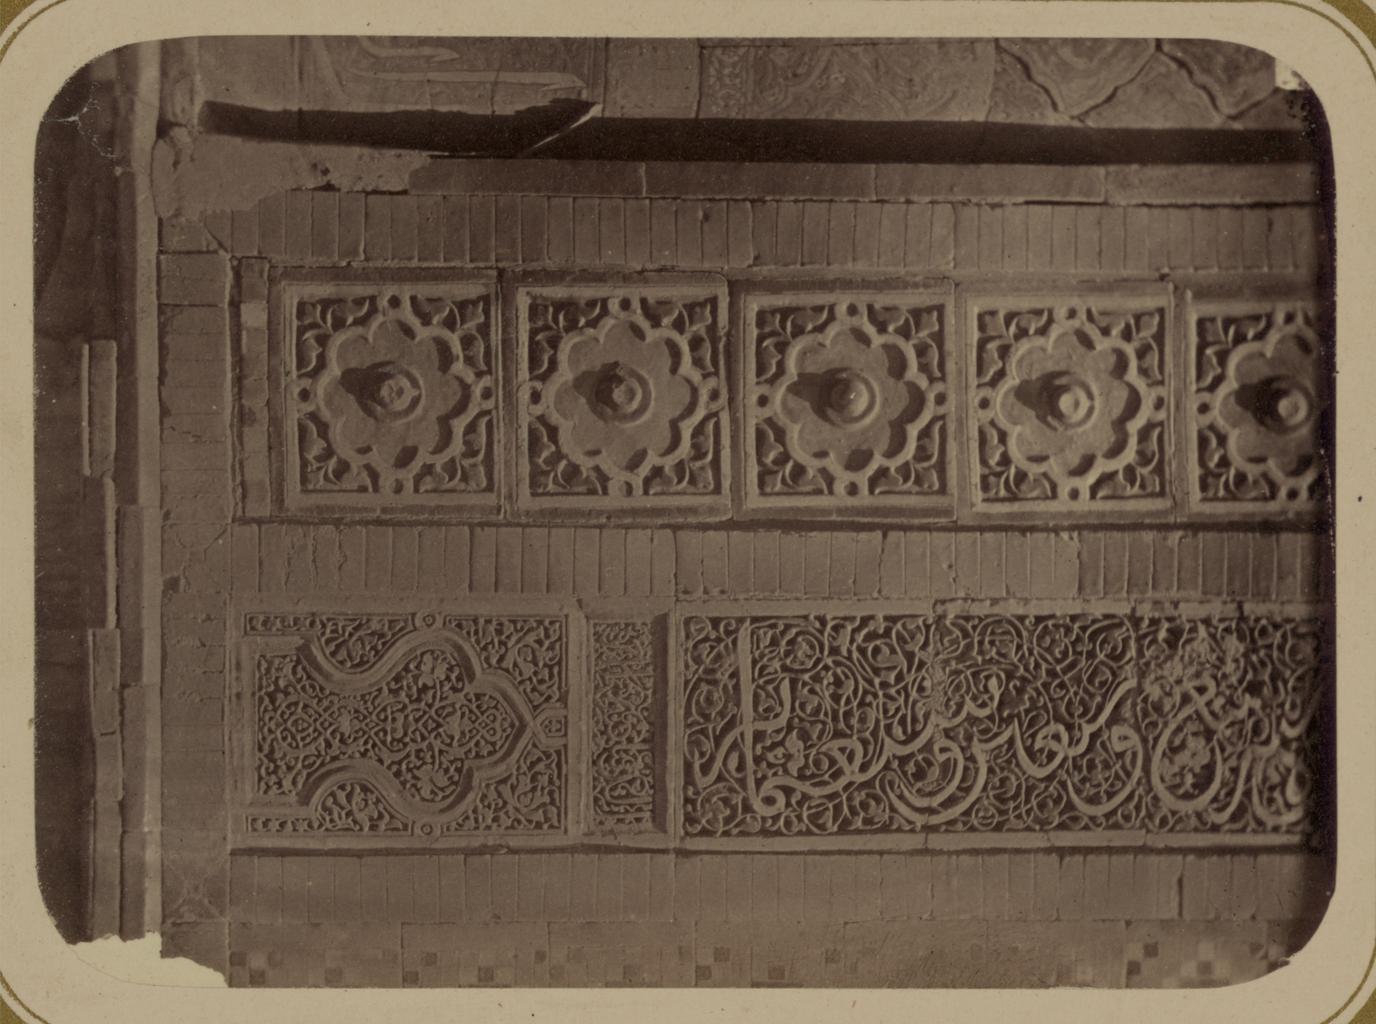 Мавзолей Айнэ-Ханэ (эмира Муссы). Надпись с датой строительства, с левой стороны фасада